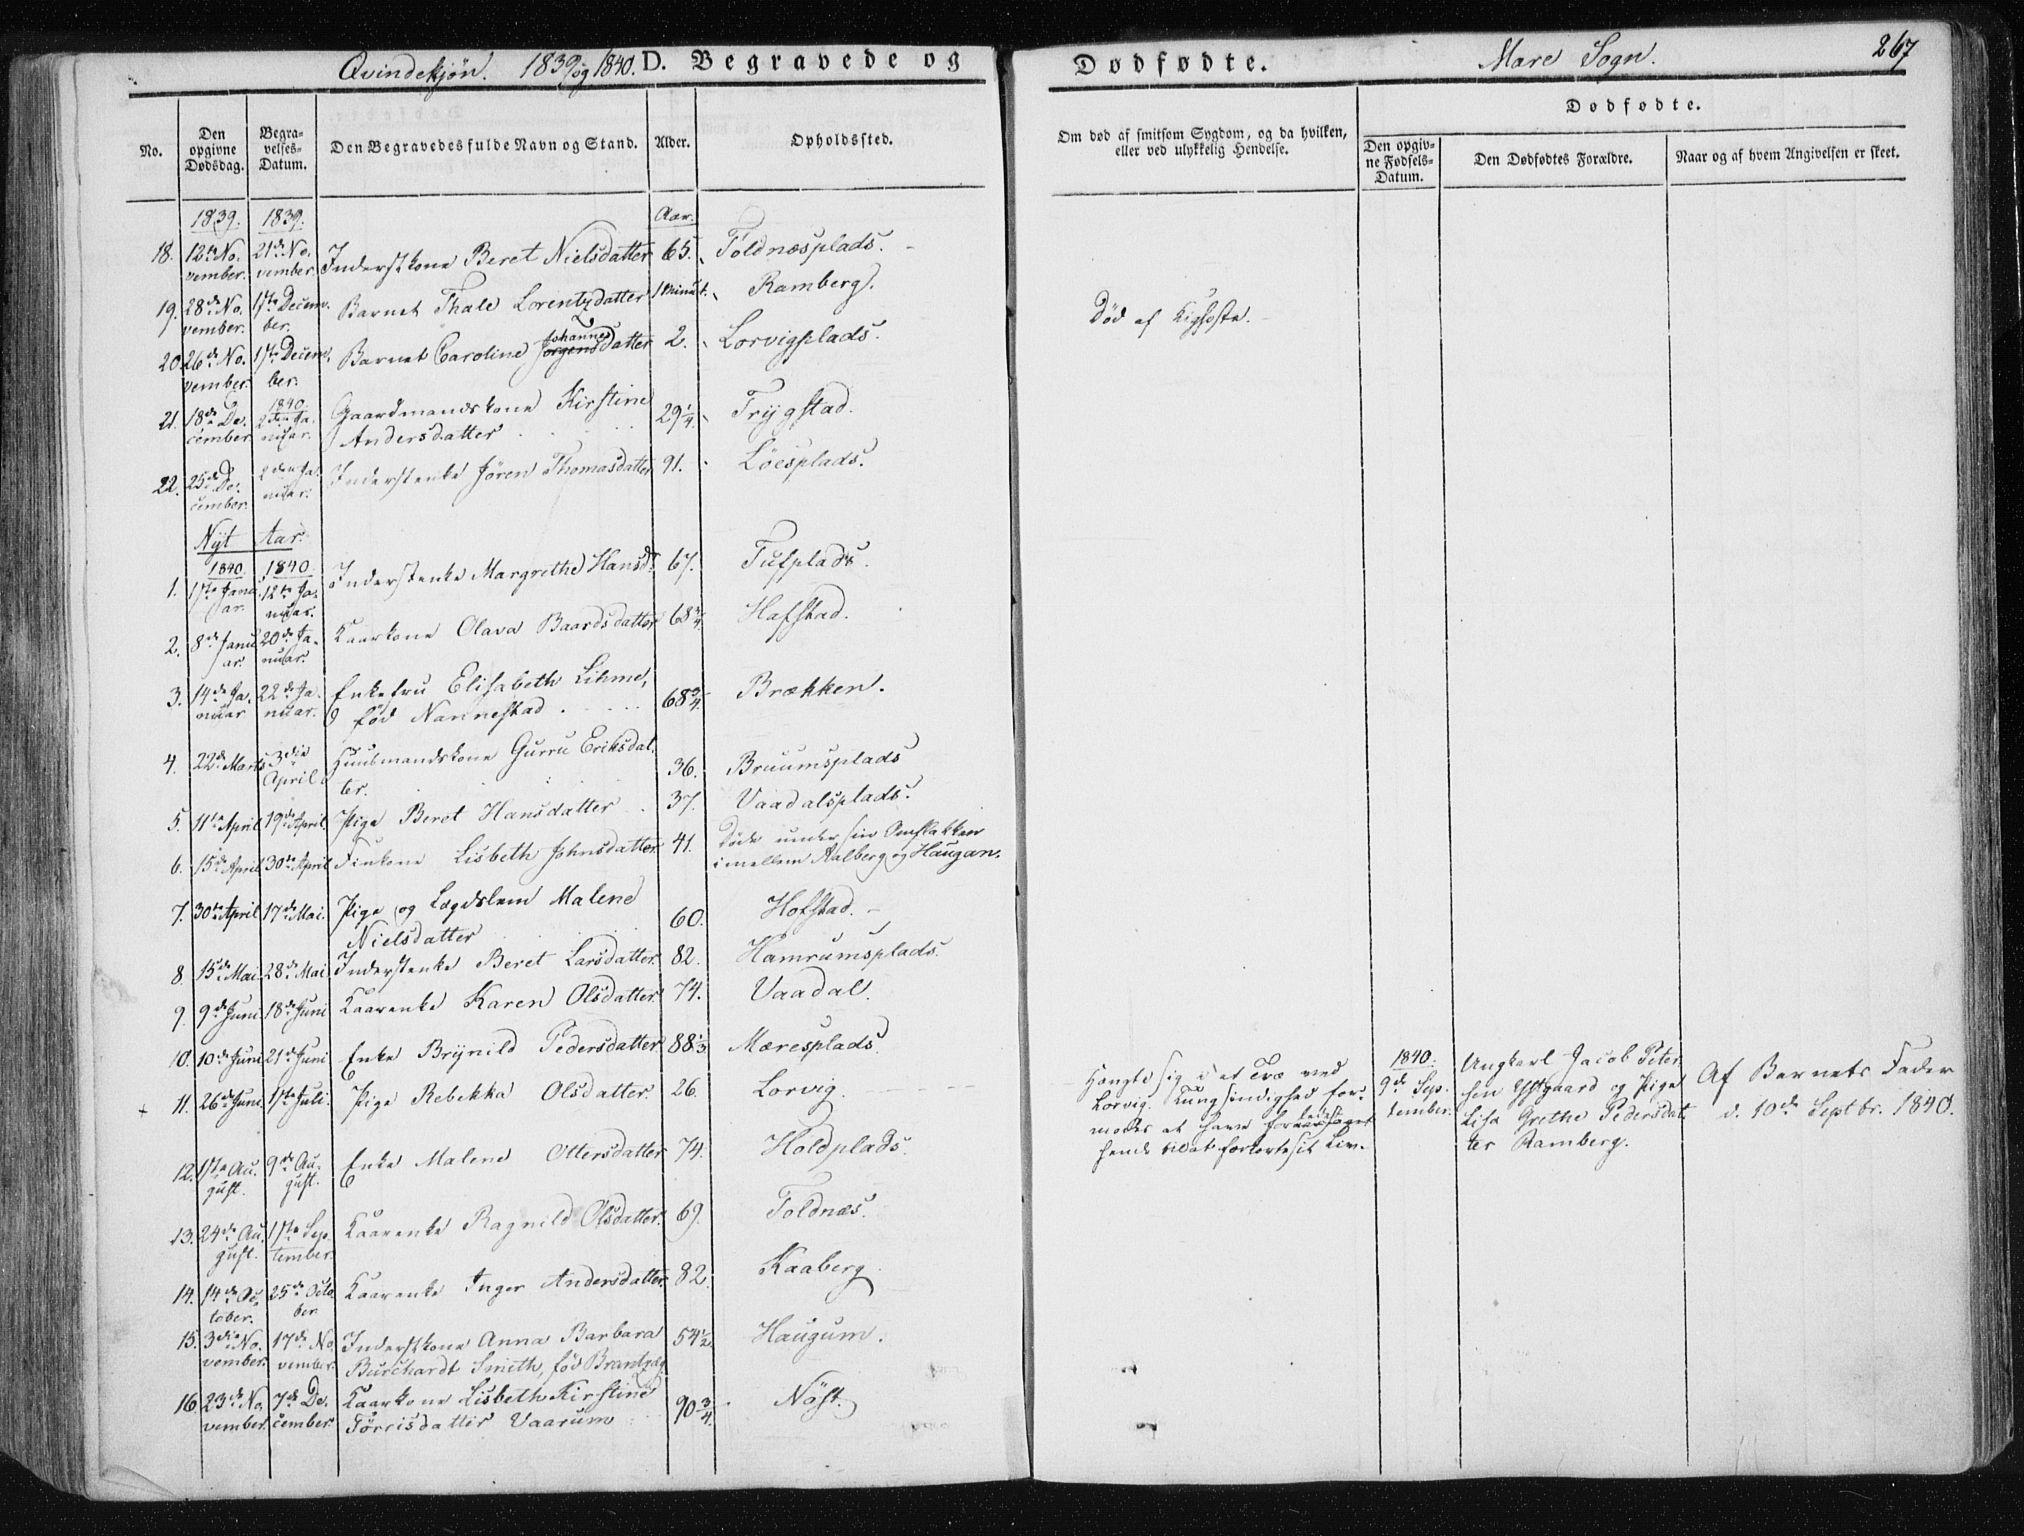 SAT, Ministerialprotokoller, klokkerbøker og fødselsregistre - Nord-Trøndelag, 735/L0339: Ministerialbok nr. 735A06 /1, 1836-1848, s. 267